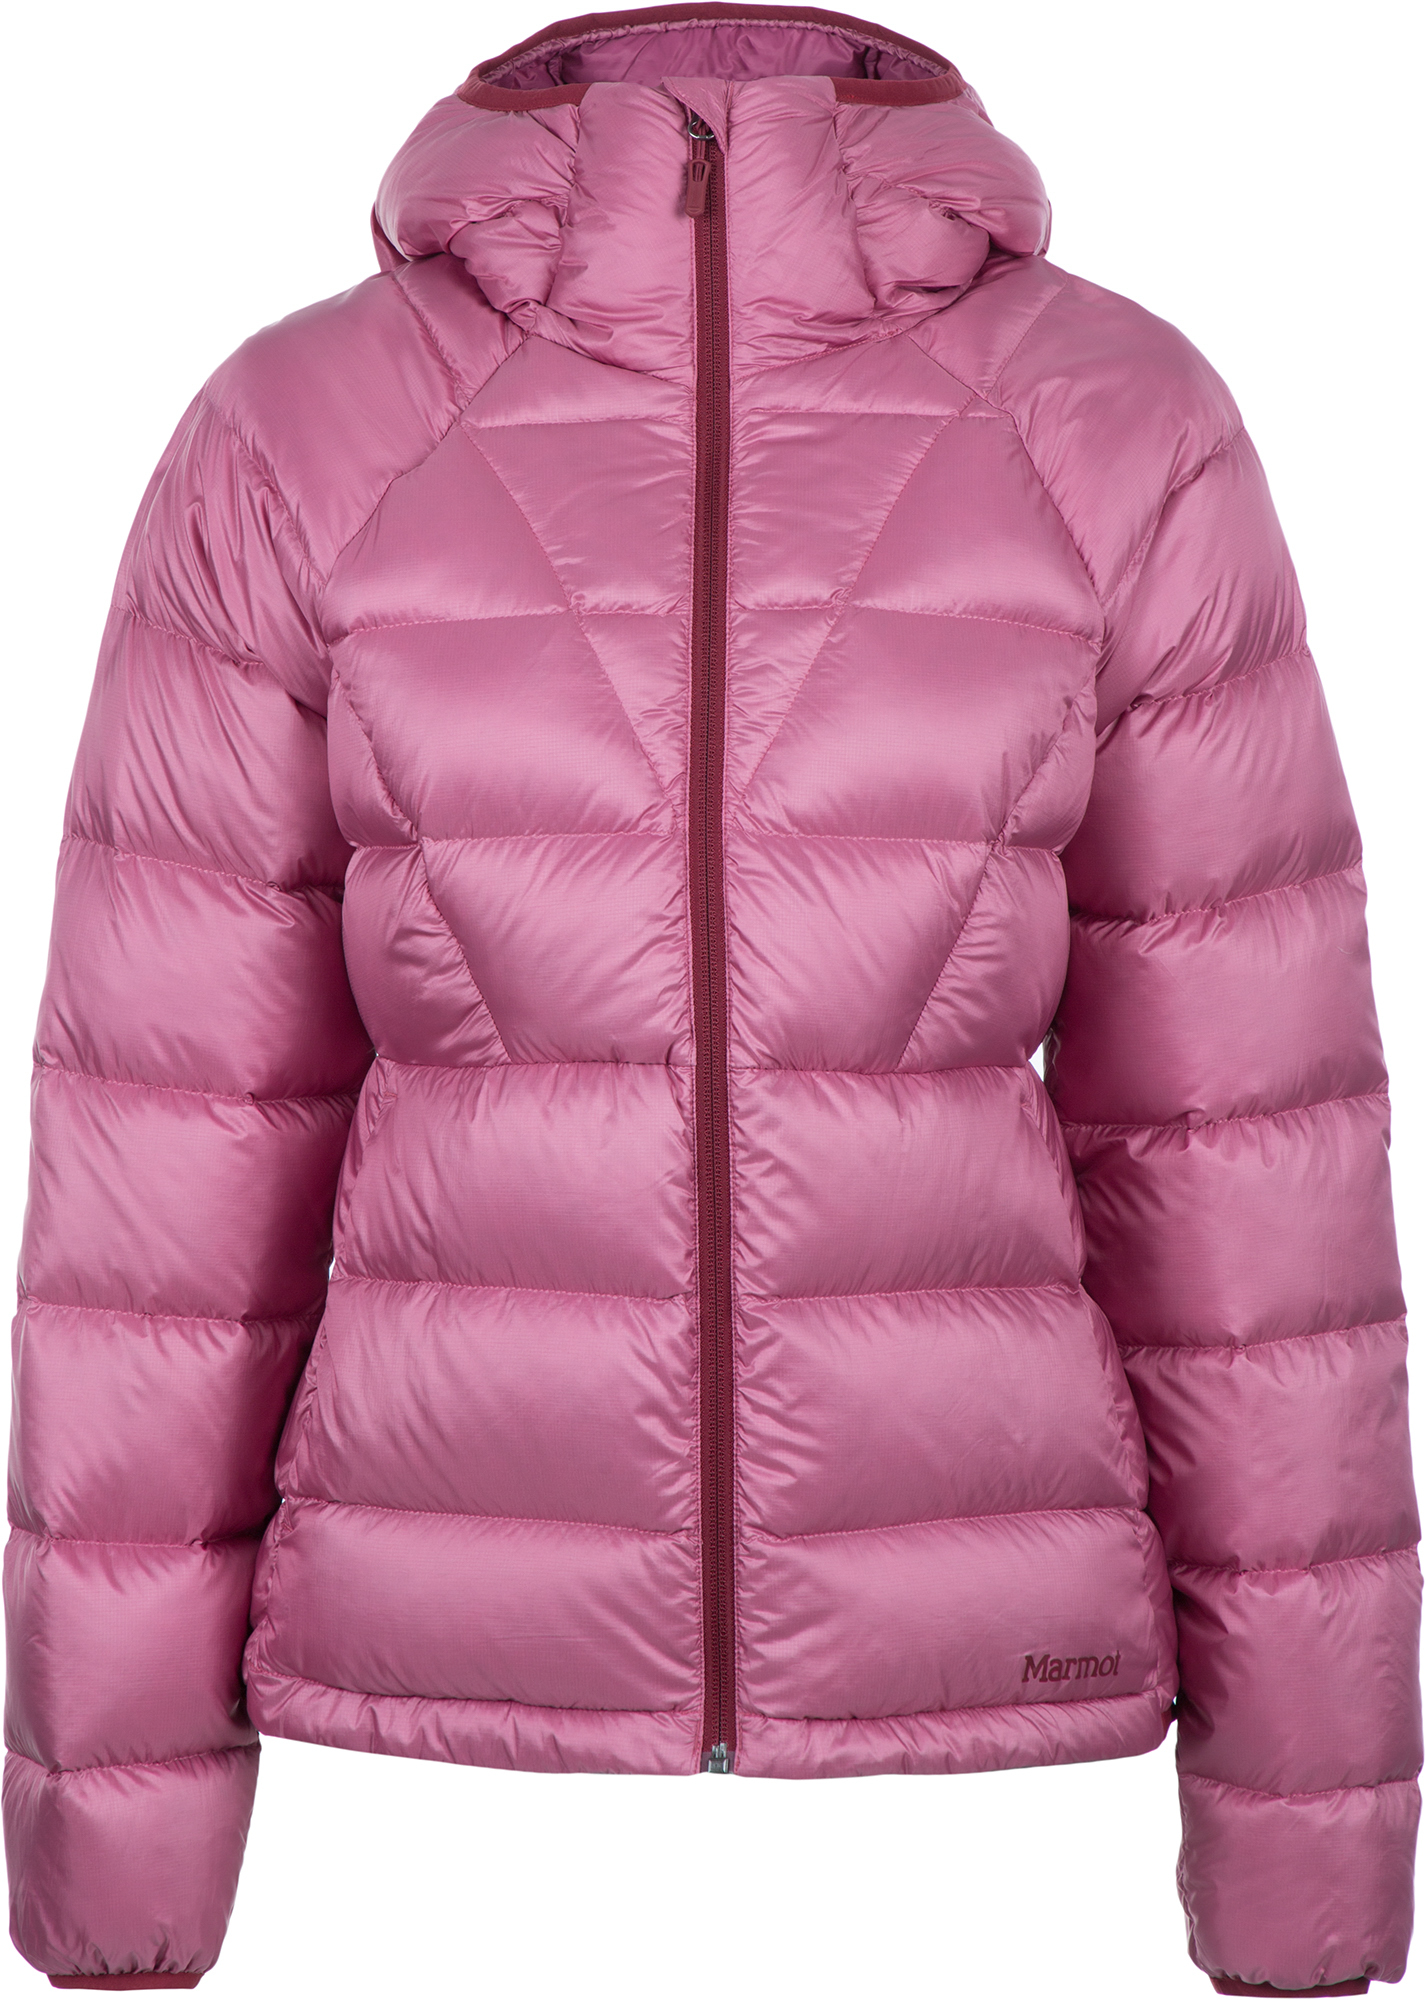 цена на Marmot Куртка пуховая женская Marmot Hype Down Hoody, размер 54-56